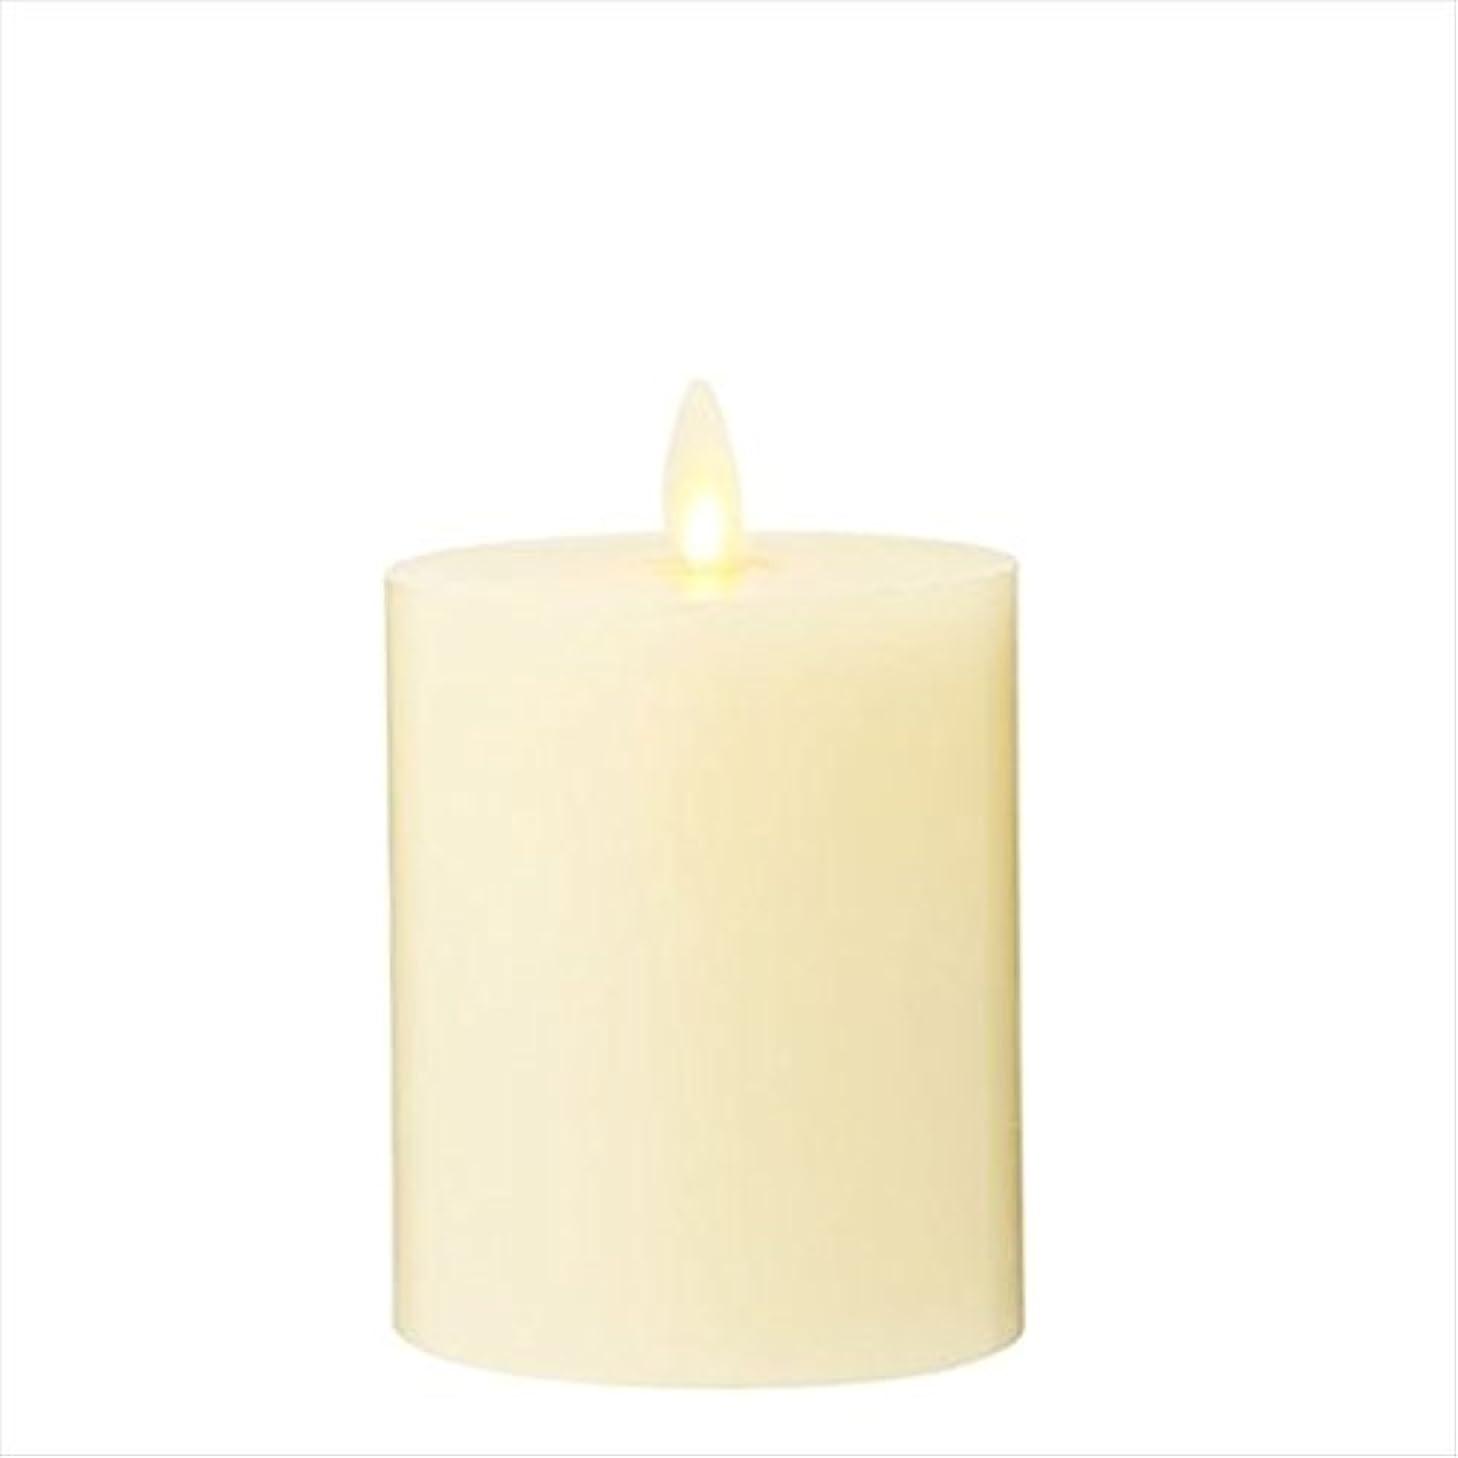 ミルク吐き出す脇にLUMINARA(ルミナラ) LEDキャンドル LUMINARA(ルミナラ)フラットトップピラー3×4 「 アイボリー 」(03160010IV)